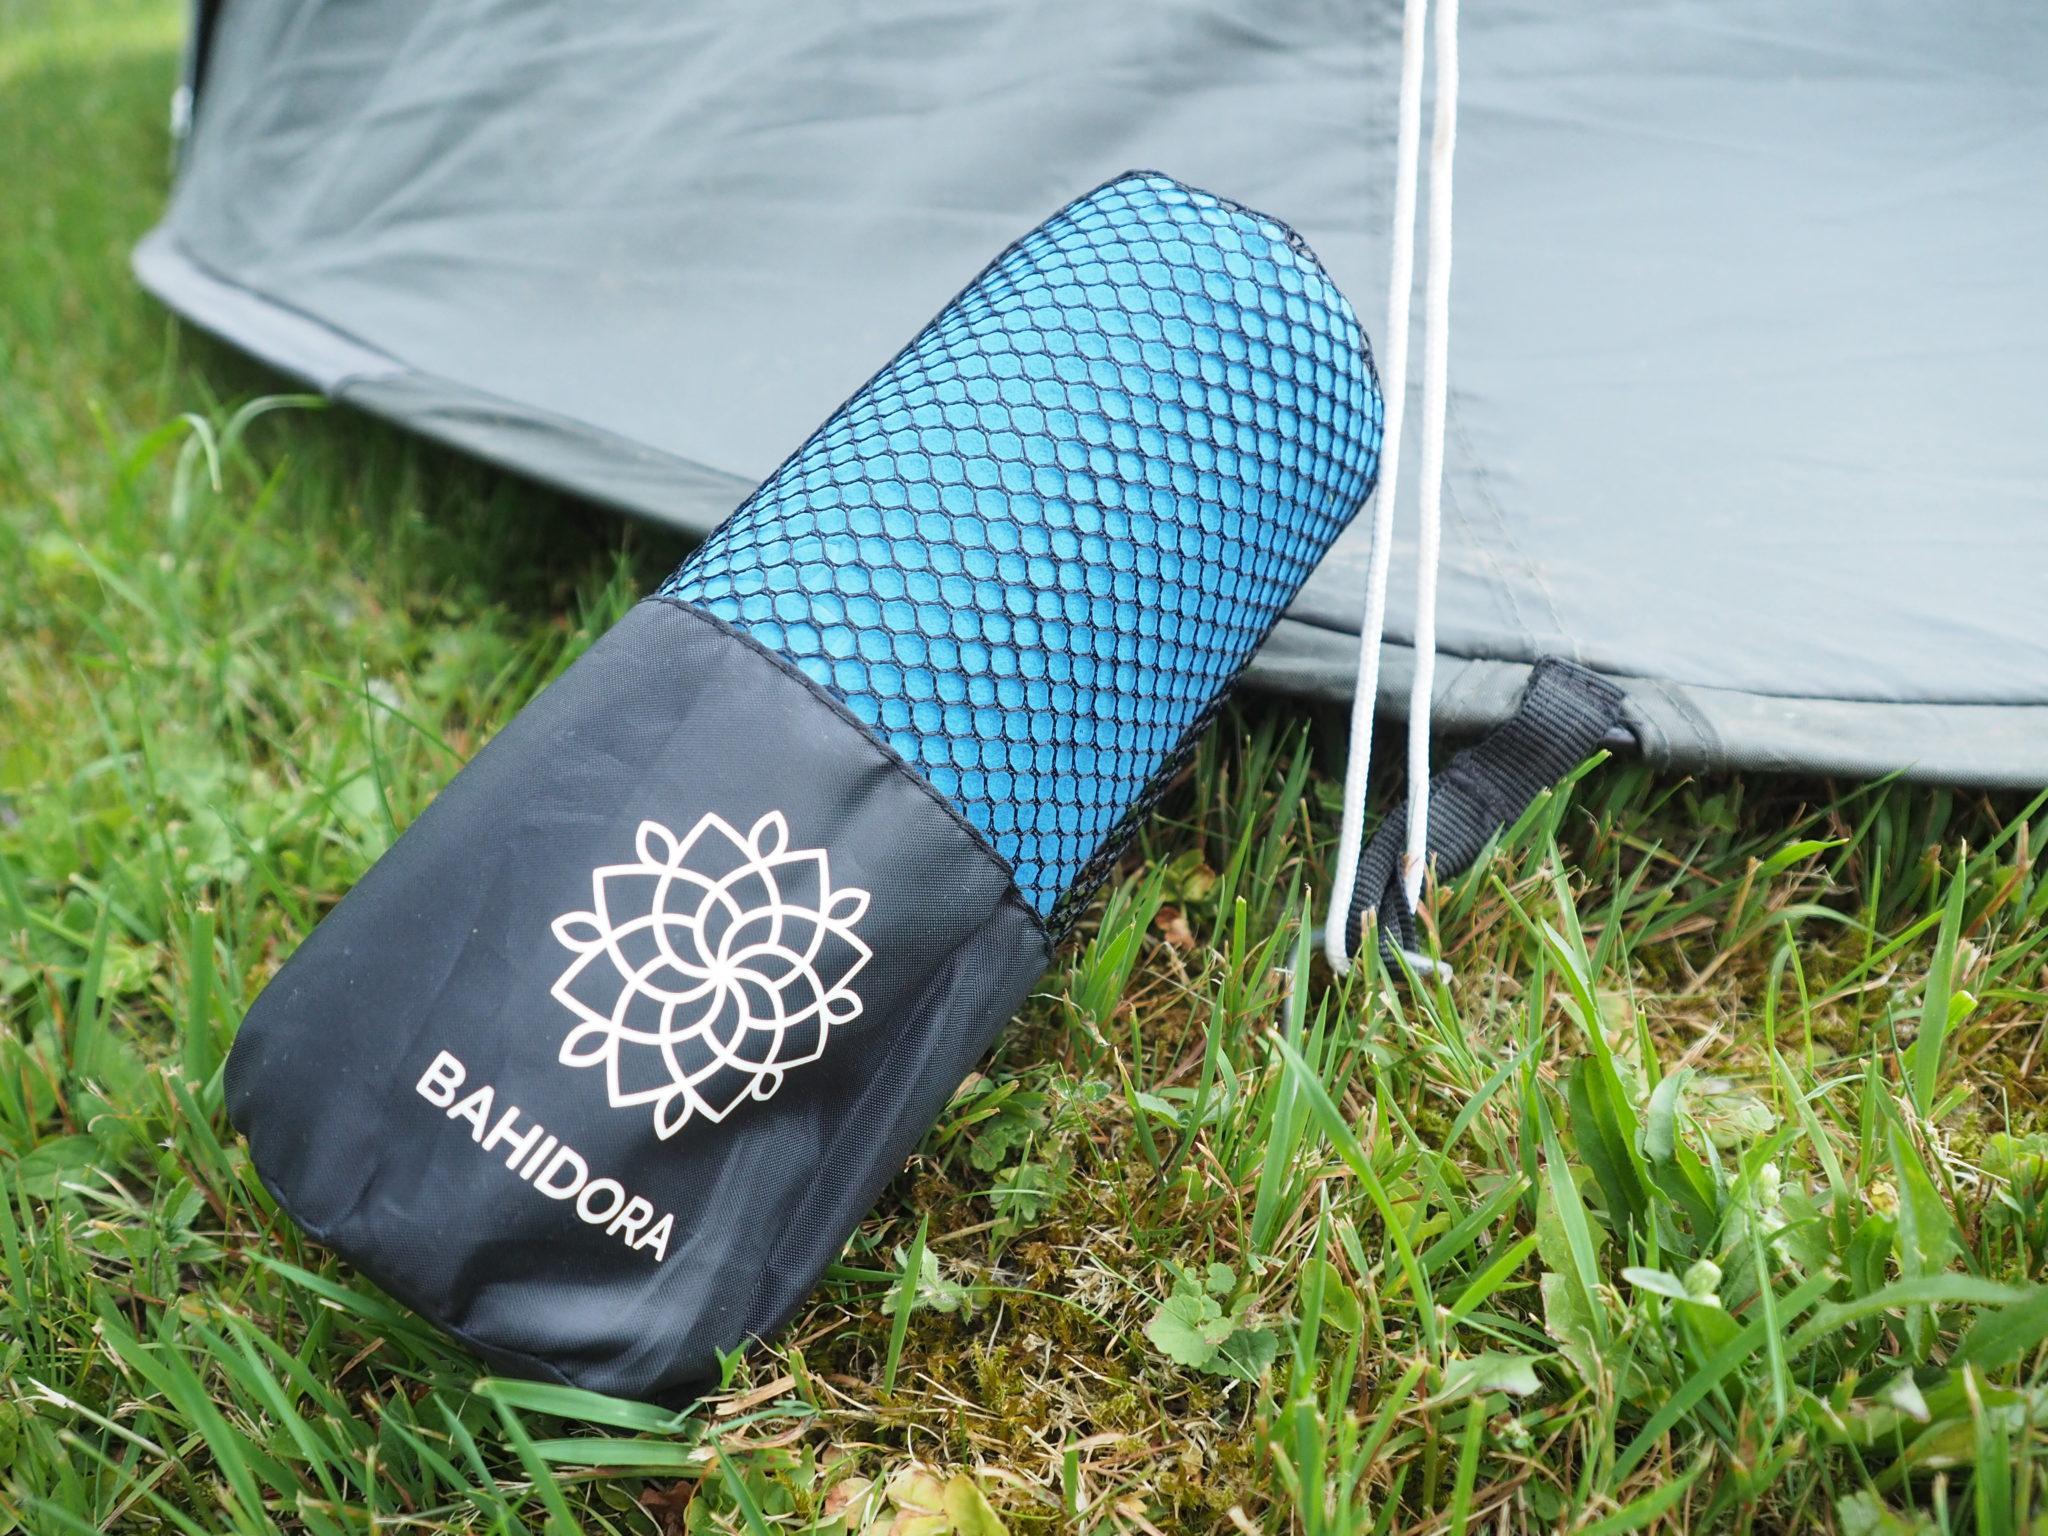 Bahidora Mikrofaser Handtuch Festival Ausrüstung Camping Ausrüstung